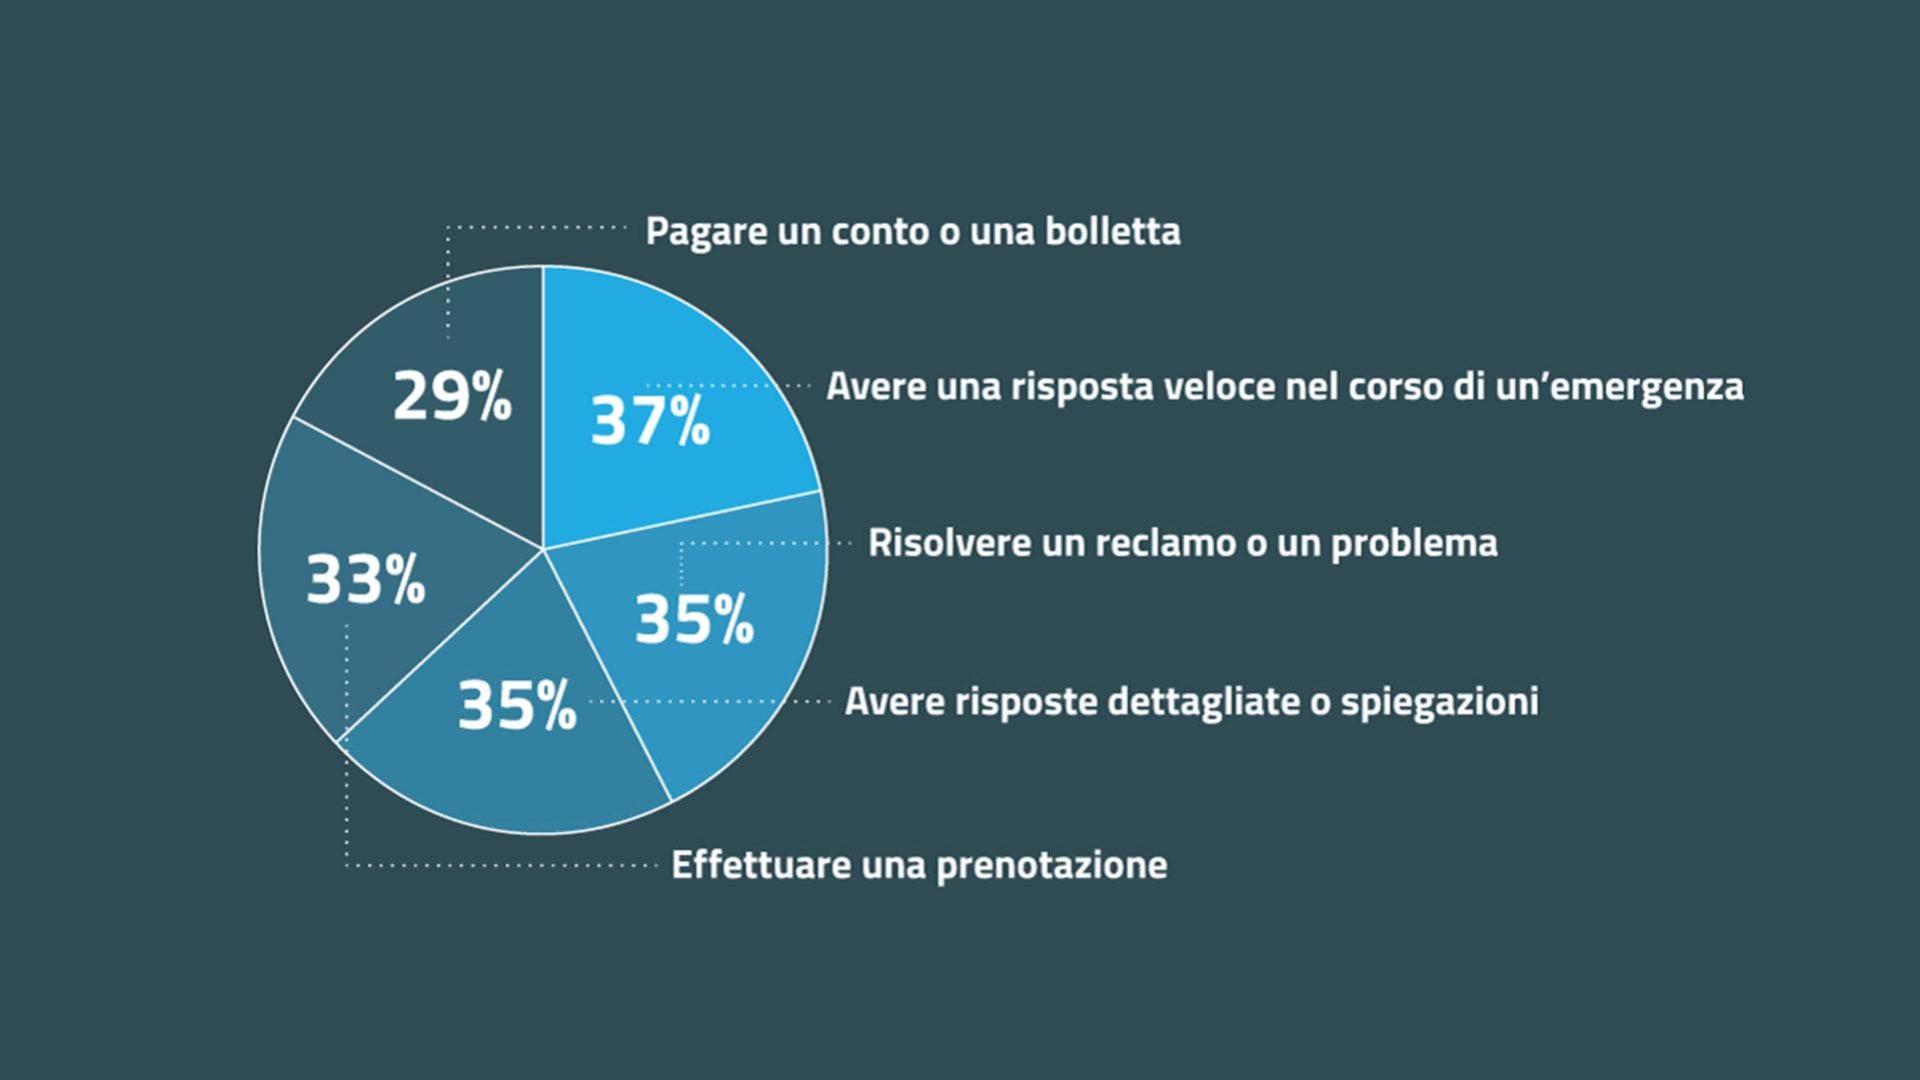 grafico di ifm che mostra le motivazioni per cui i clienti chiamano i contact center